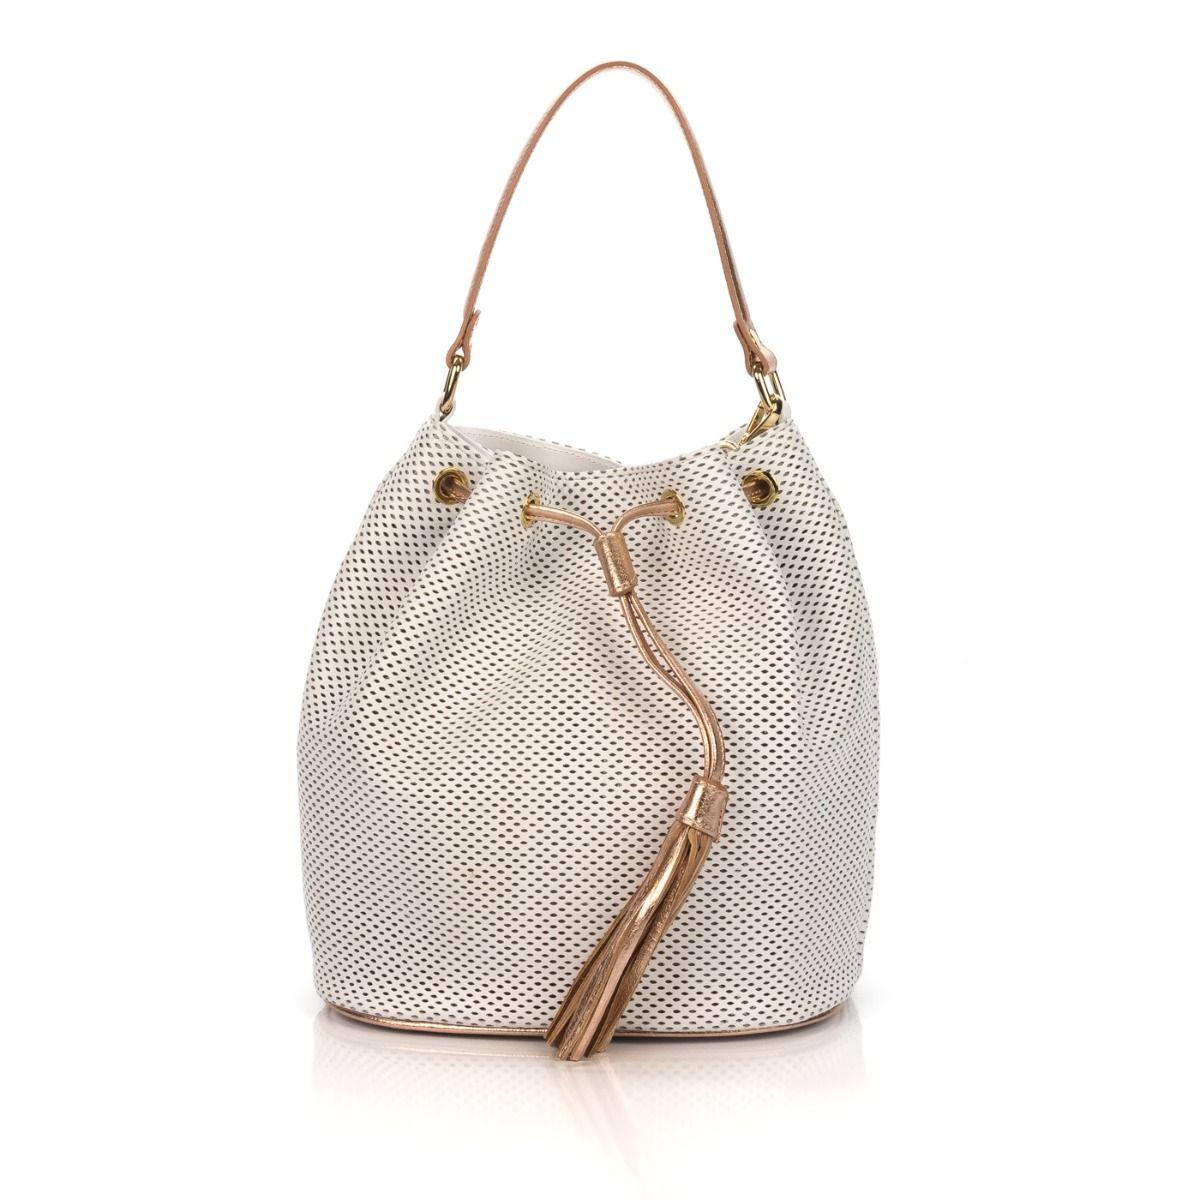 727fed690c Borsa a secchiello donna FRAU B204 in pelle bianca forata |Spedizione  gratuita|Shop online|Shoe Center